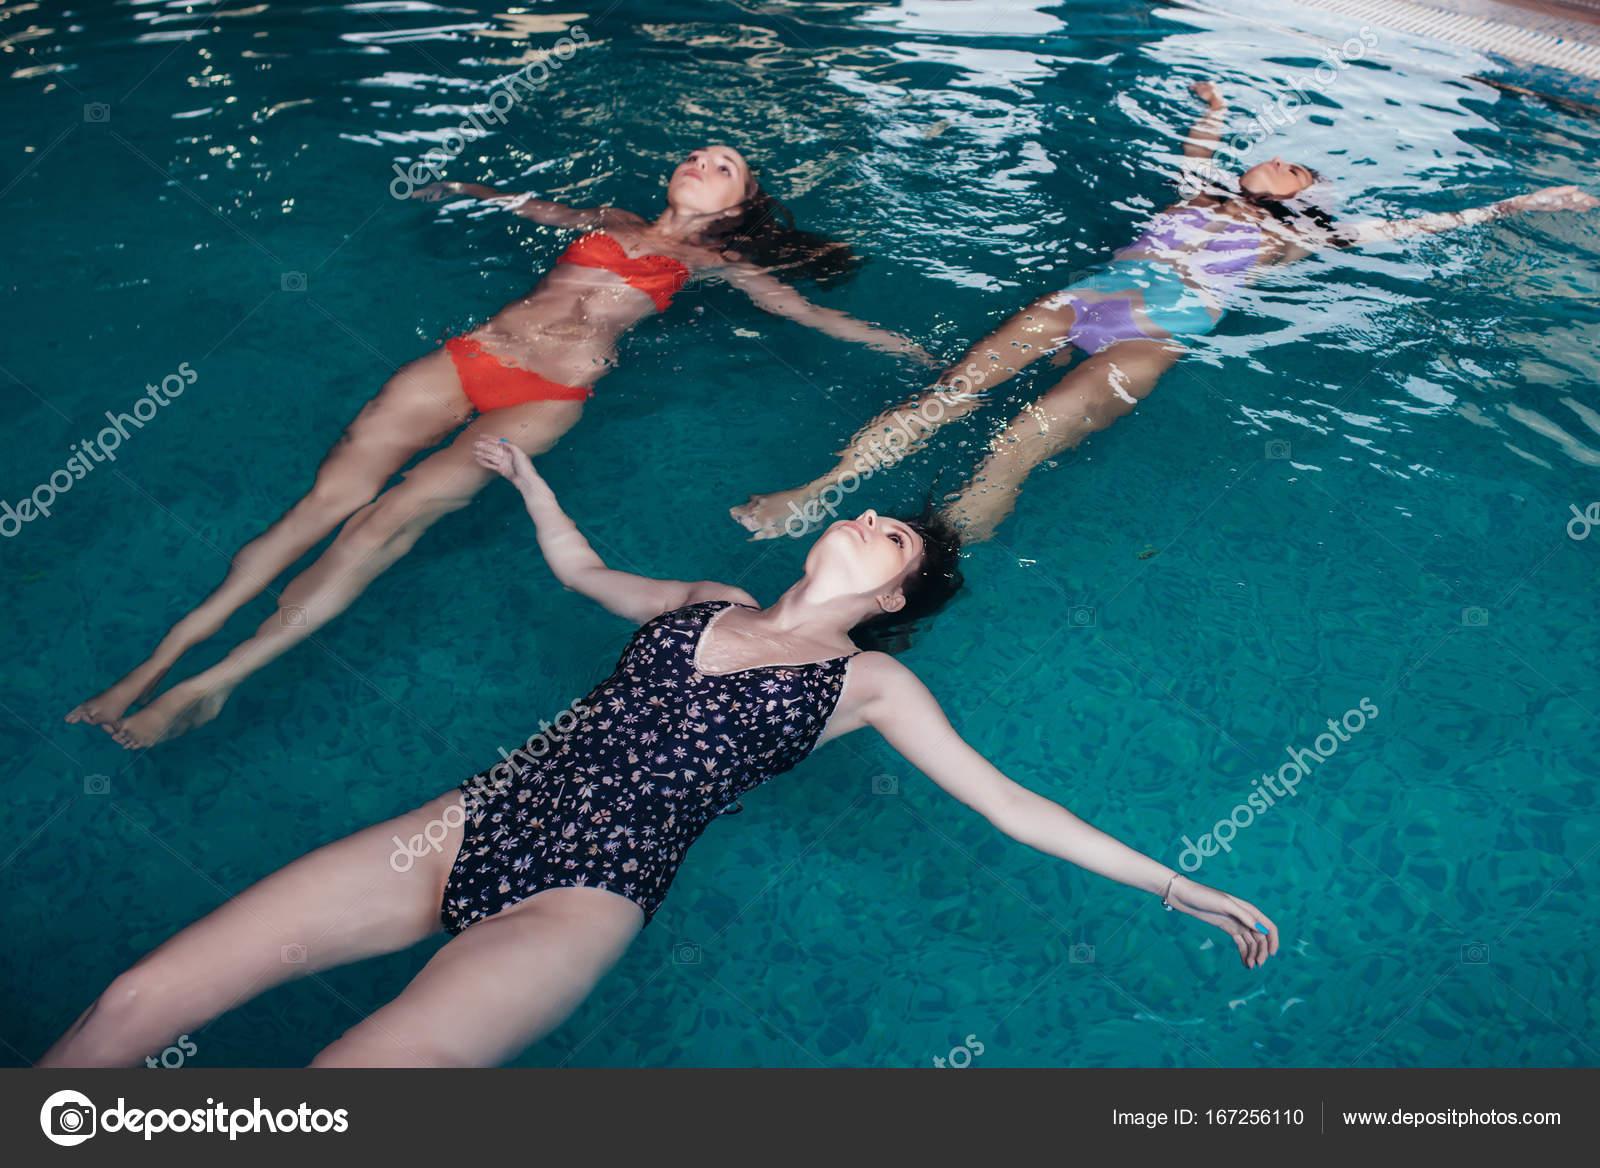 Junge schlanke Frauen beim Rückenschwimmen im Schwimmbad